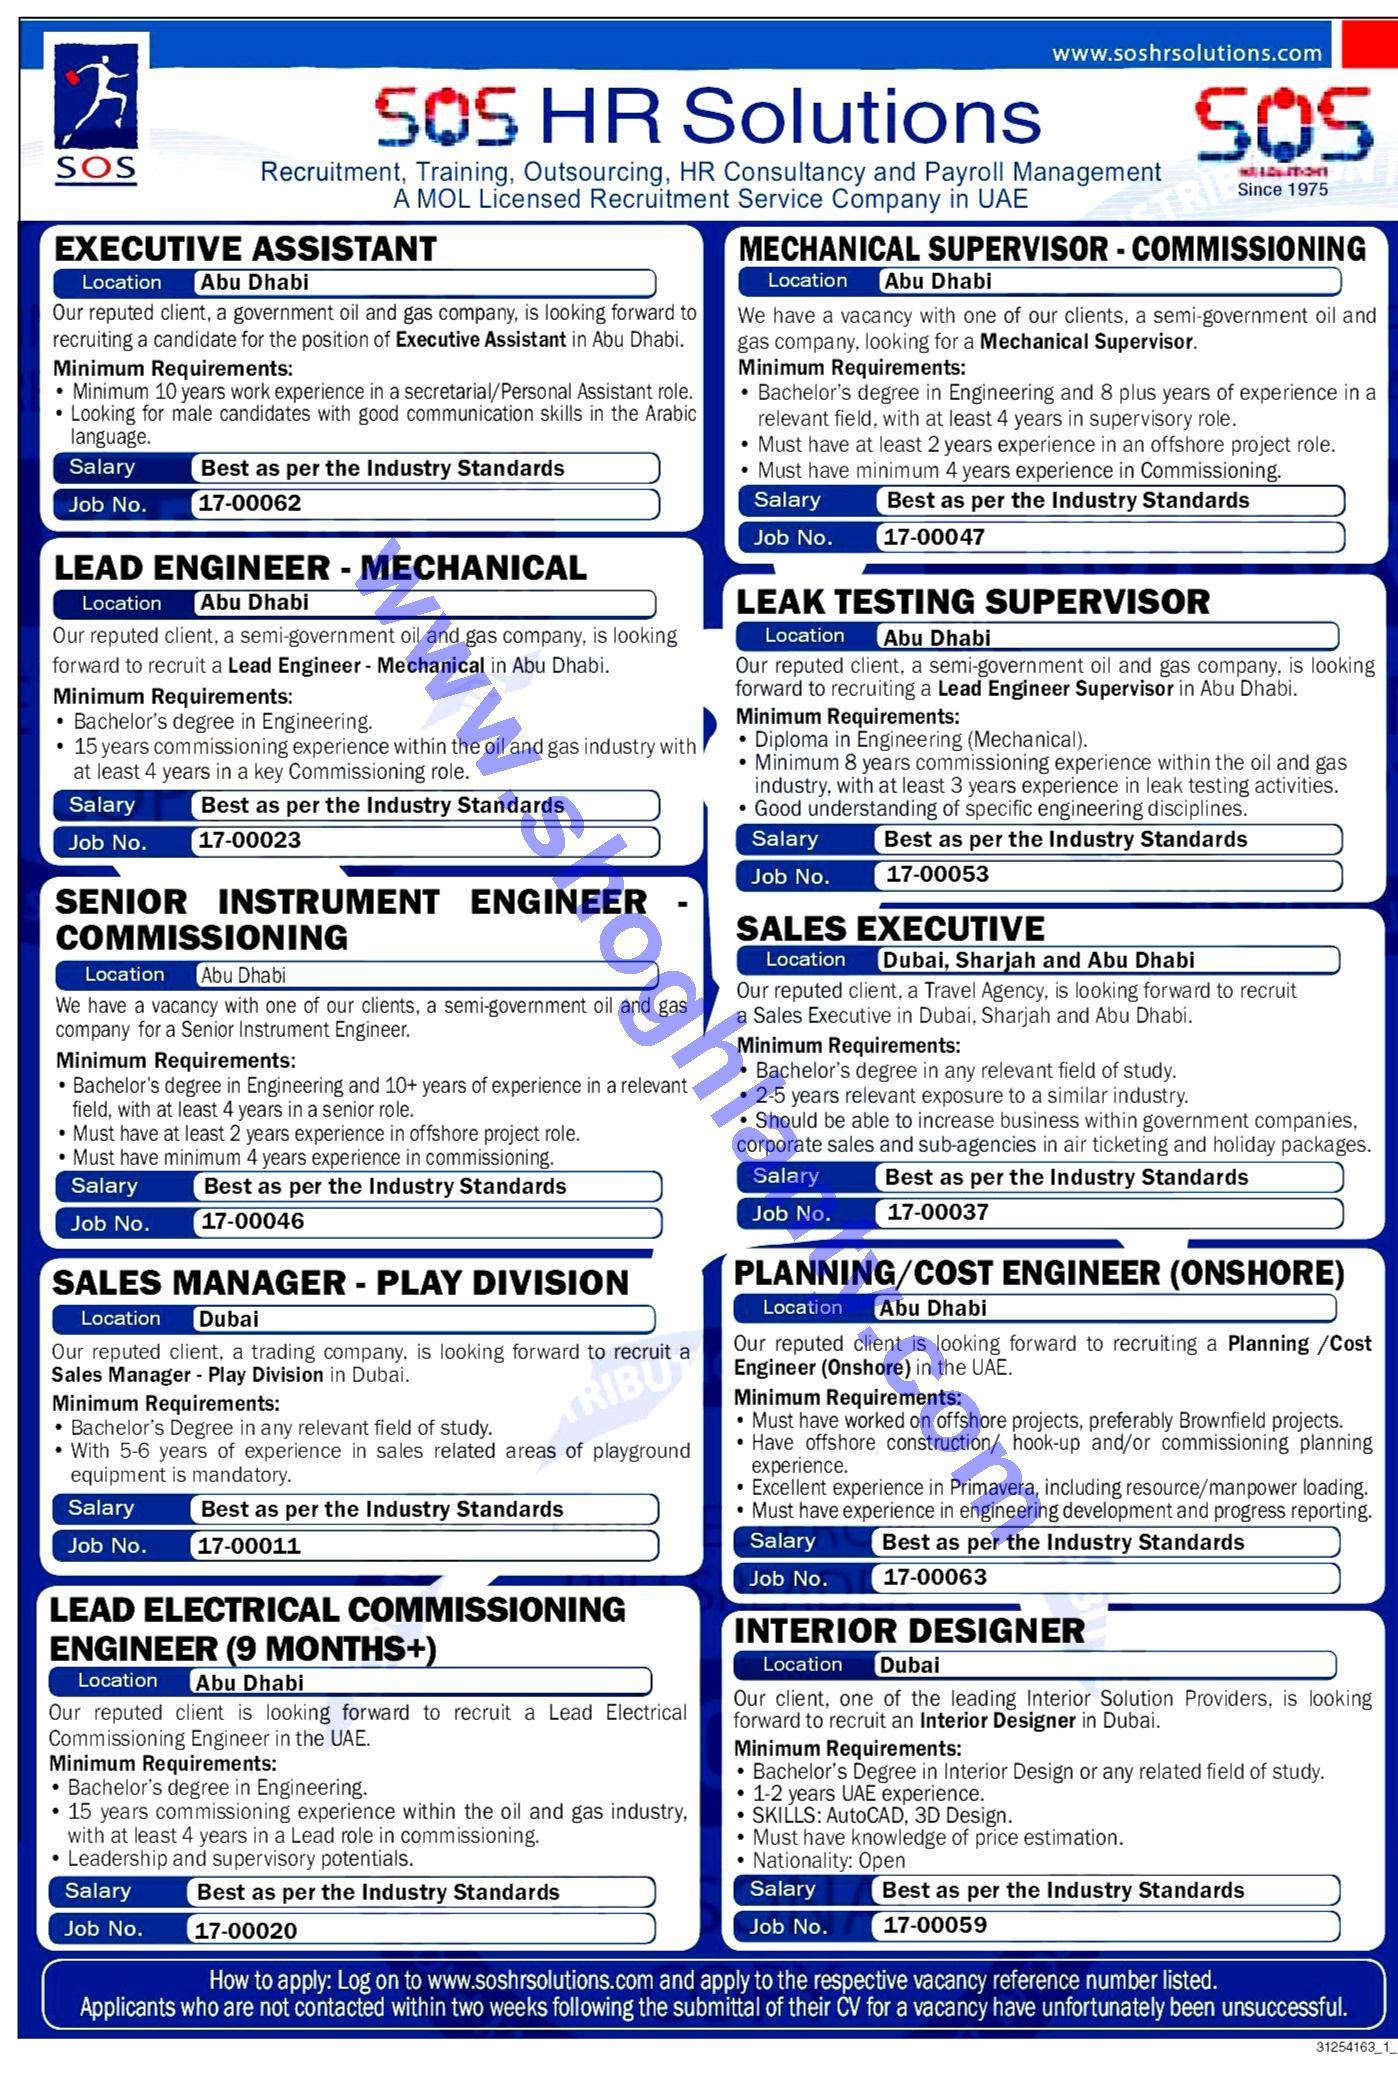 Jobs Interior Designer Sos Hr Solutions United Arab Emirates U